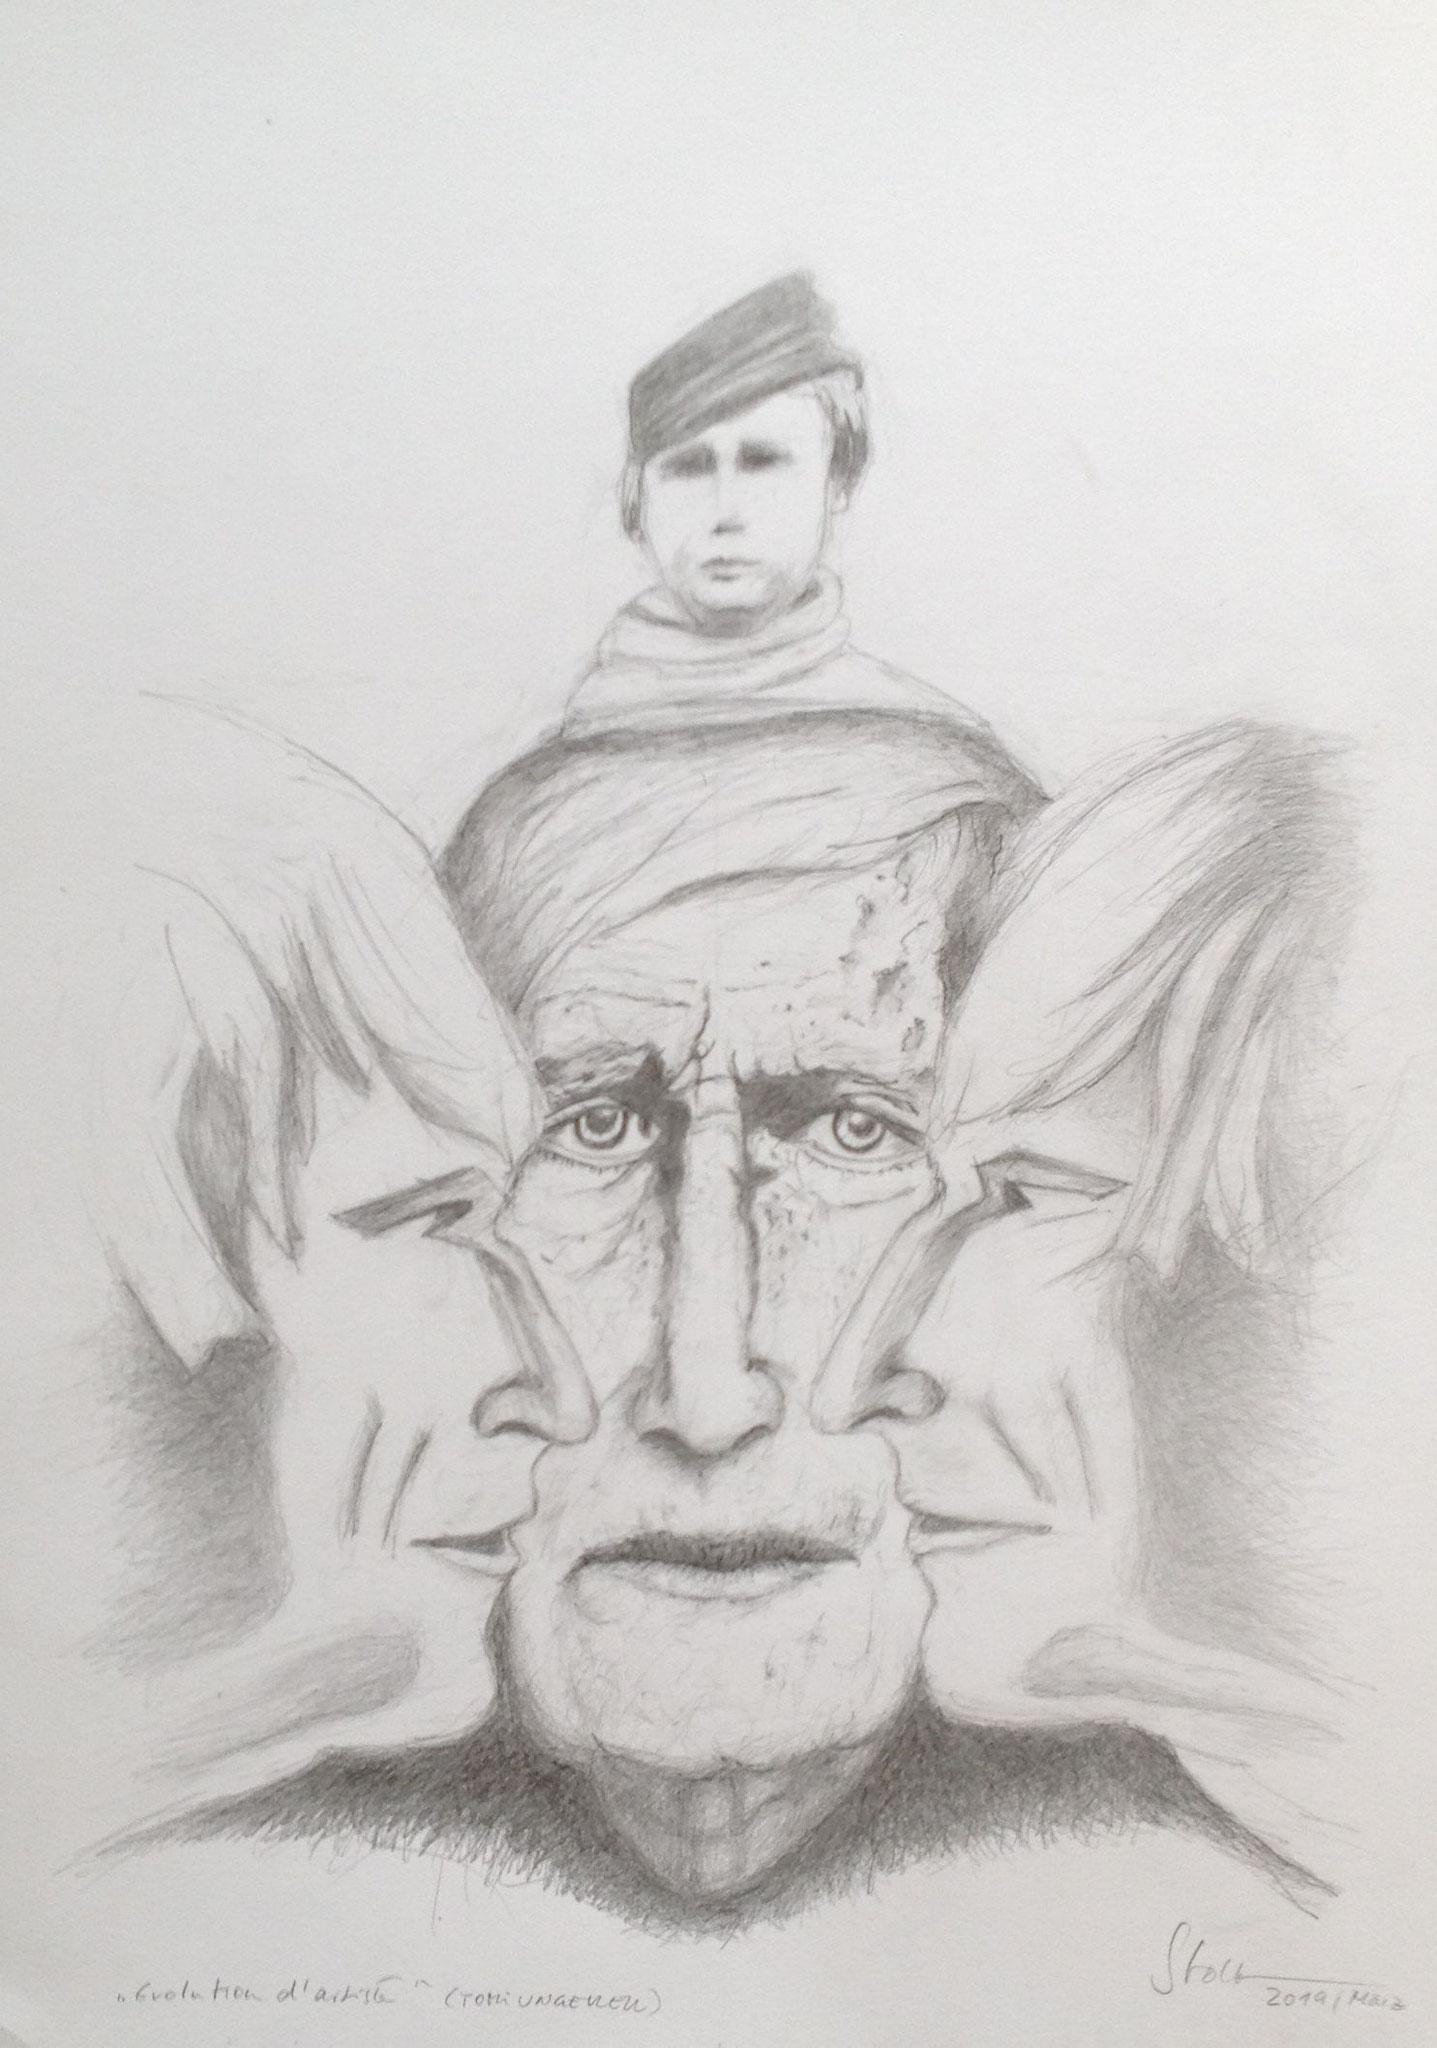 Evolution d'artiste (Tomi Ungerer), 2019, Zeichnung, 40 x 30 cm (#1009)